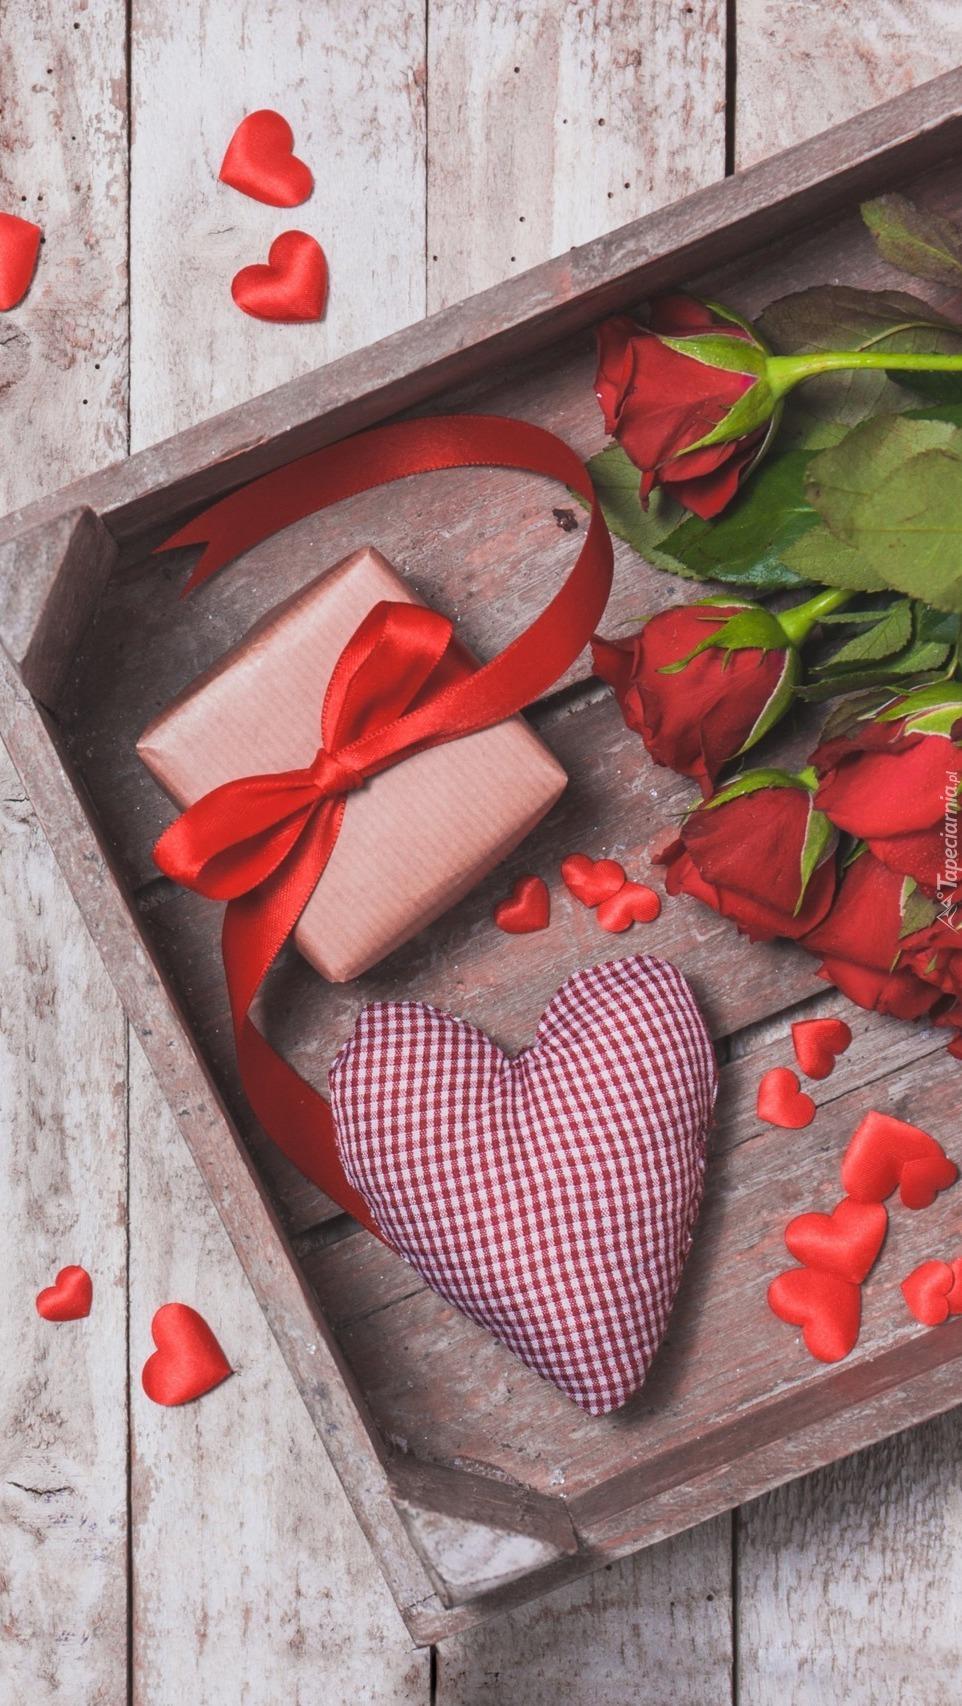 Skrzynka z różami prezentem i serduszkami